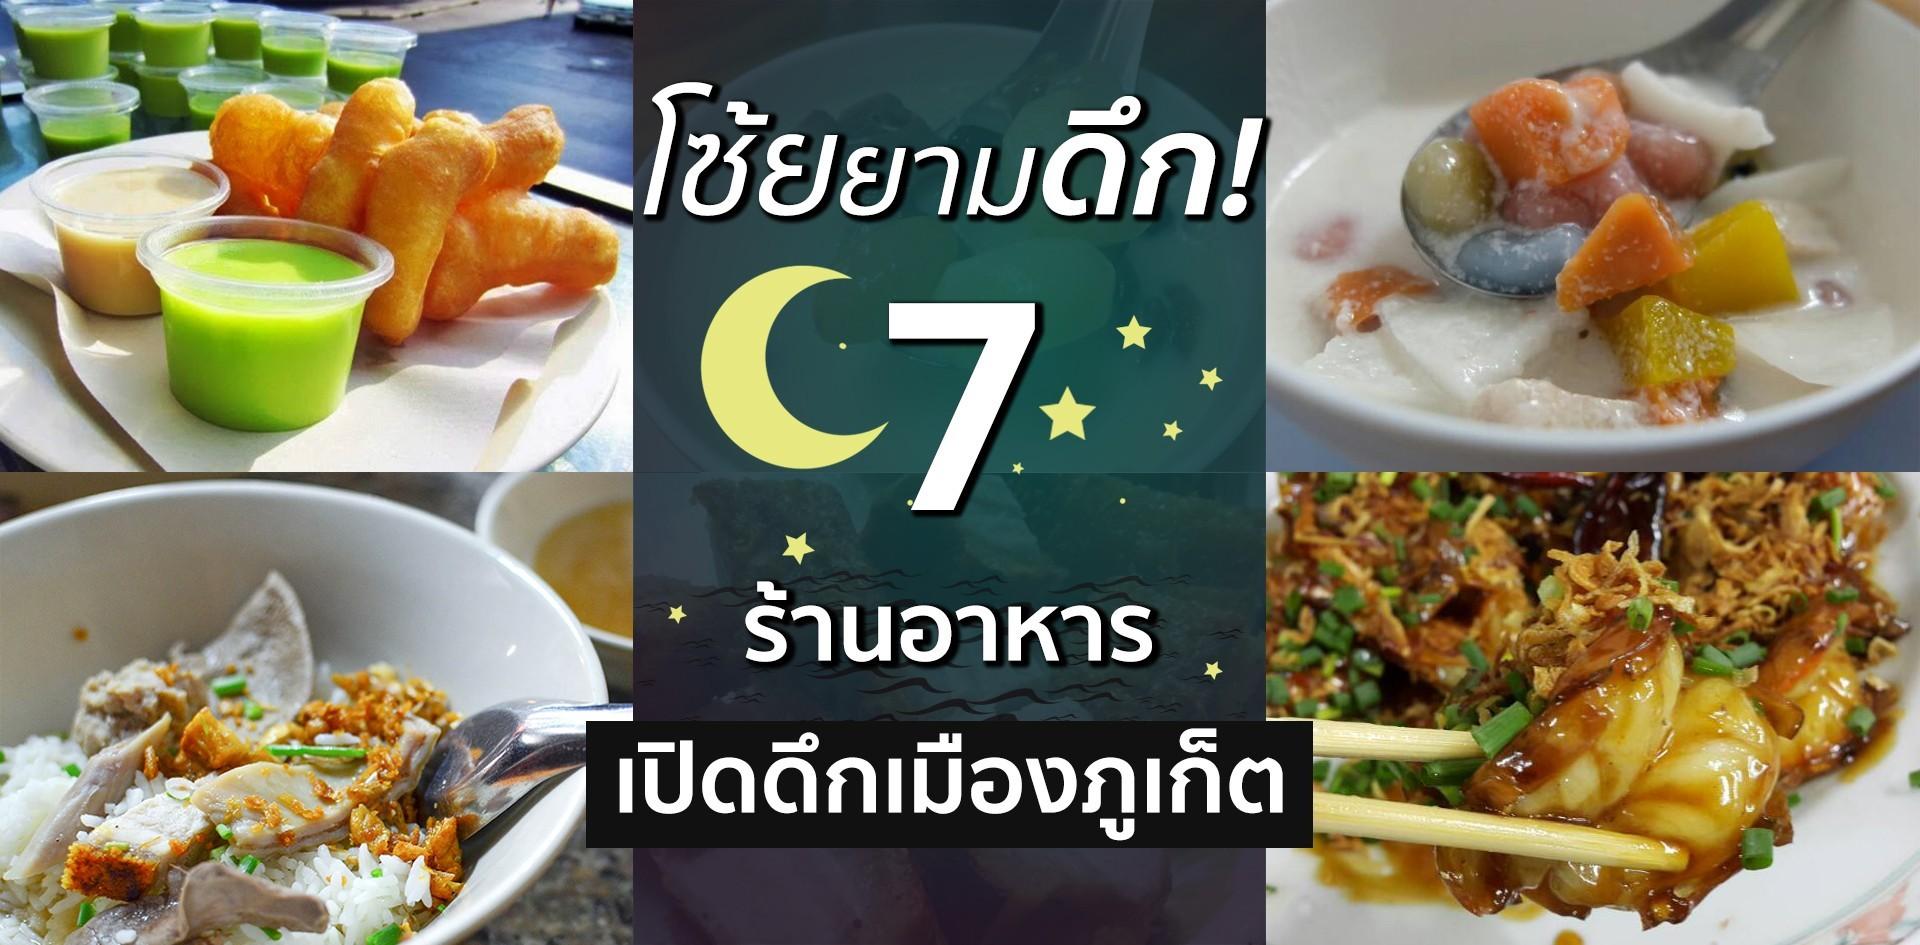 7 ร้านอาหารในภูเก็ต เปิดดึกสวรรค์ของคนหิว!